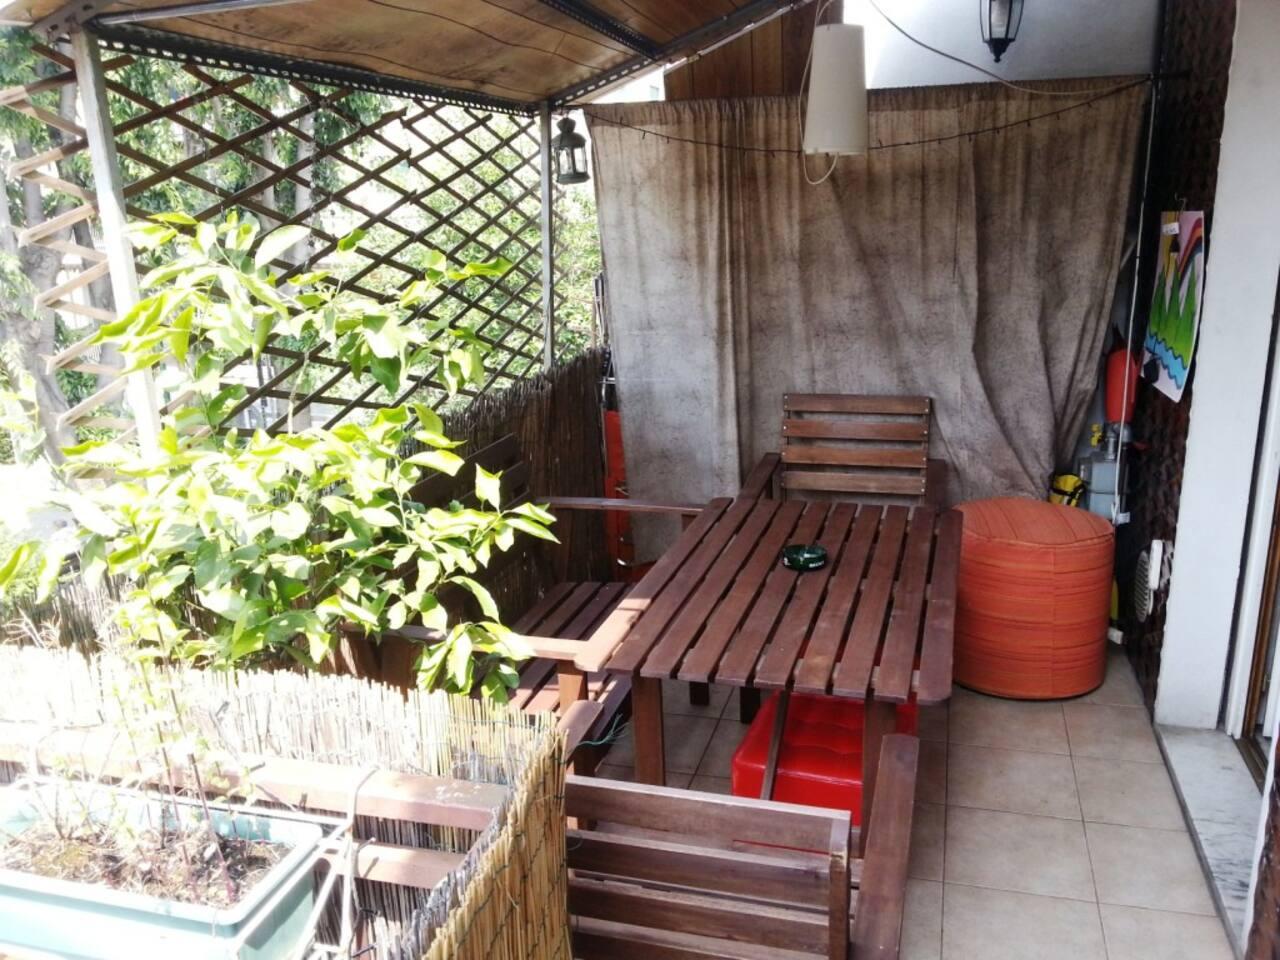 terrazzino con tavolo per mangiare all'aperto- terrace with table for outdoor dining